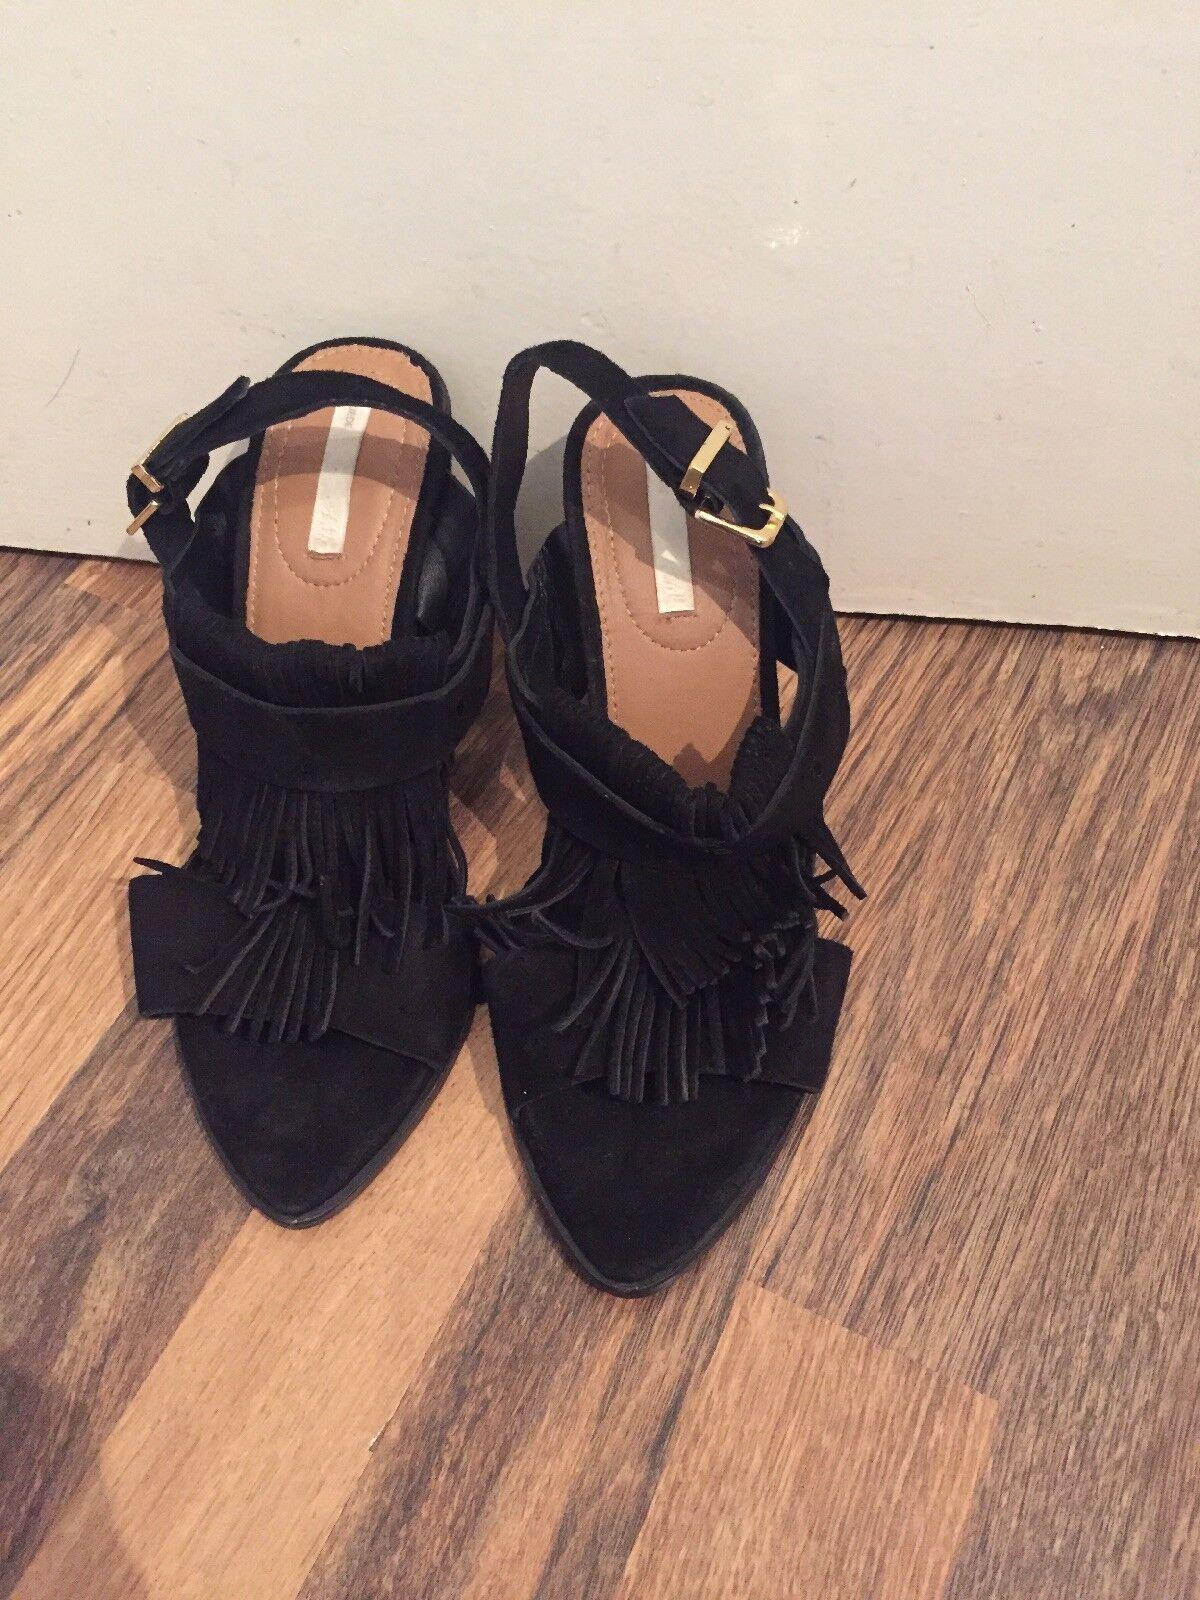 Gorgeous Black Suede Tassel Sandals H & M Size 5 Excellent Condition